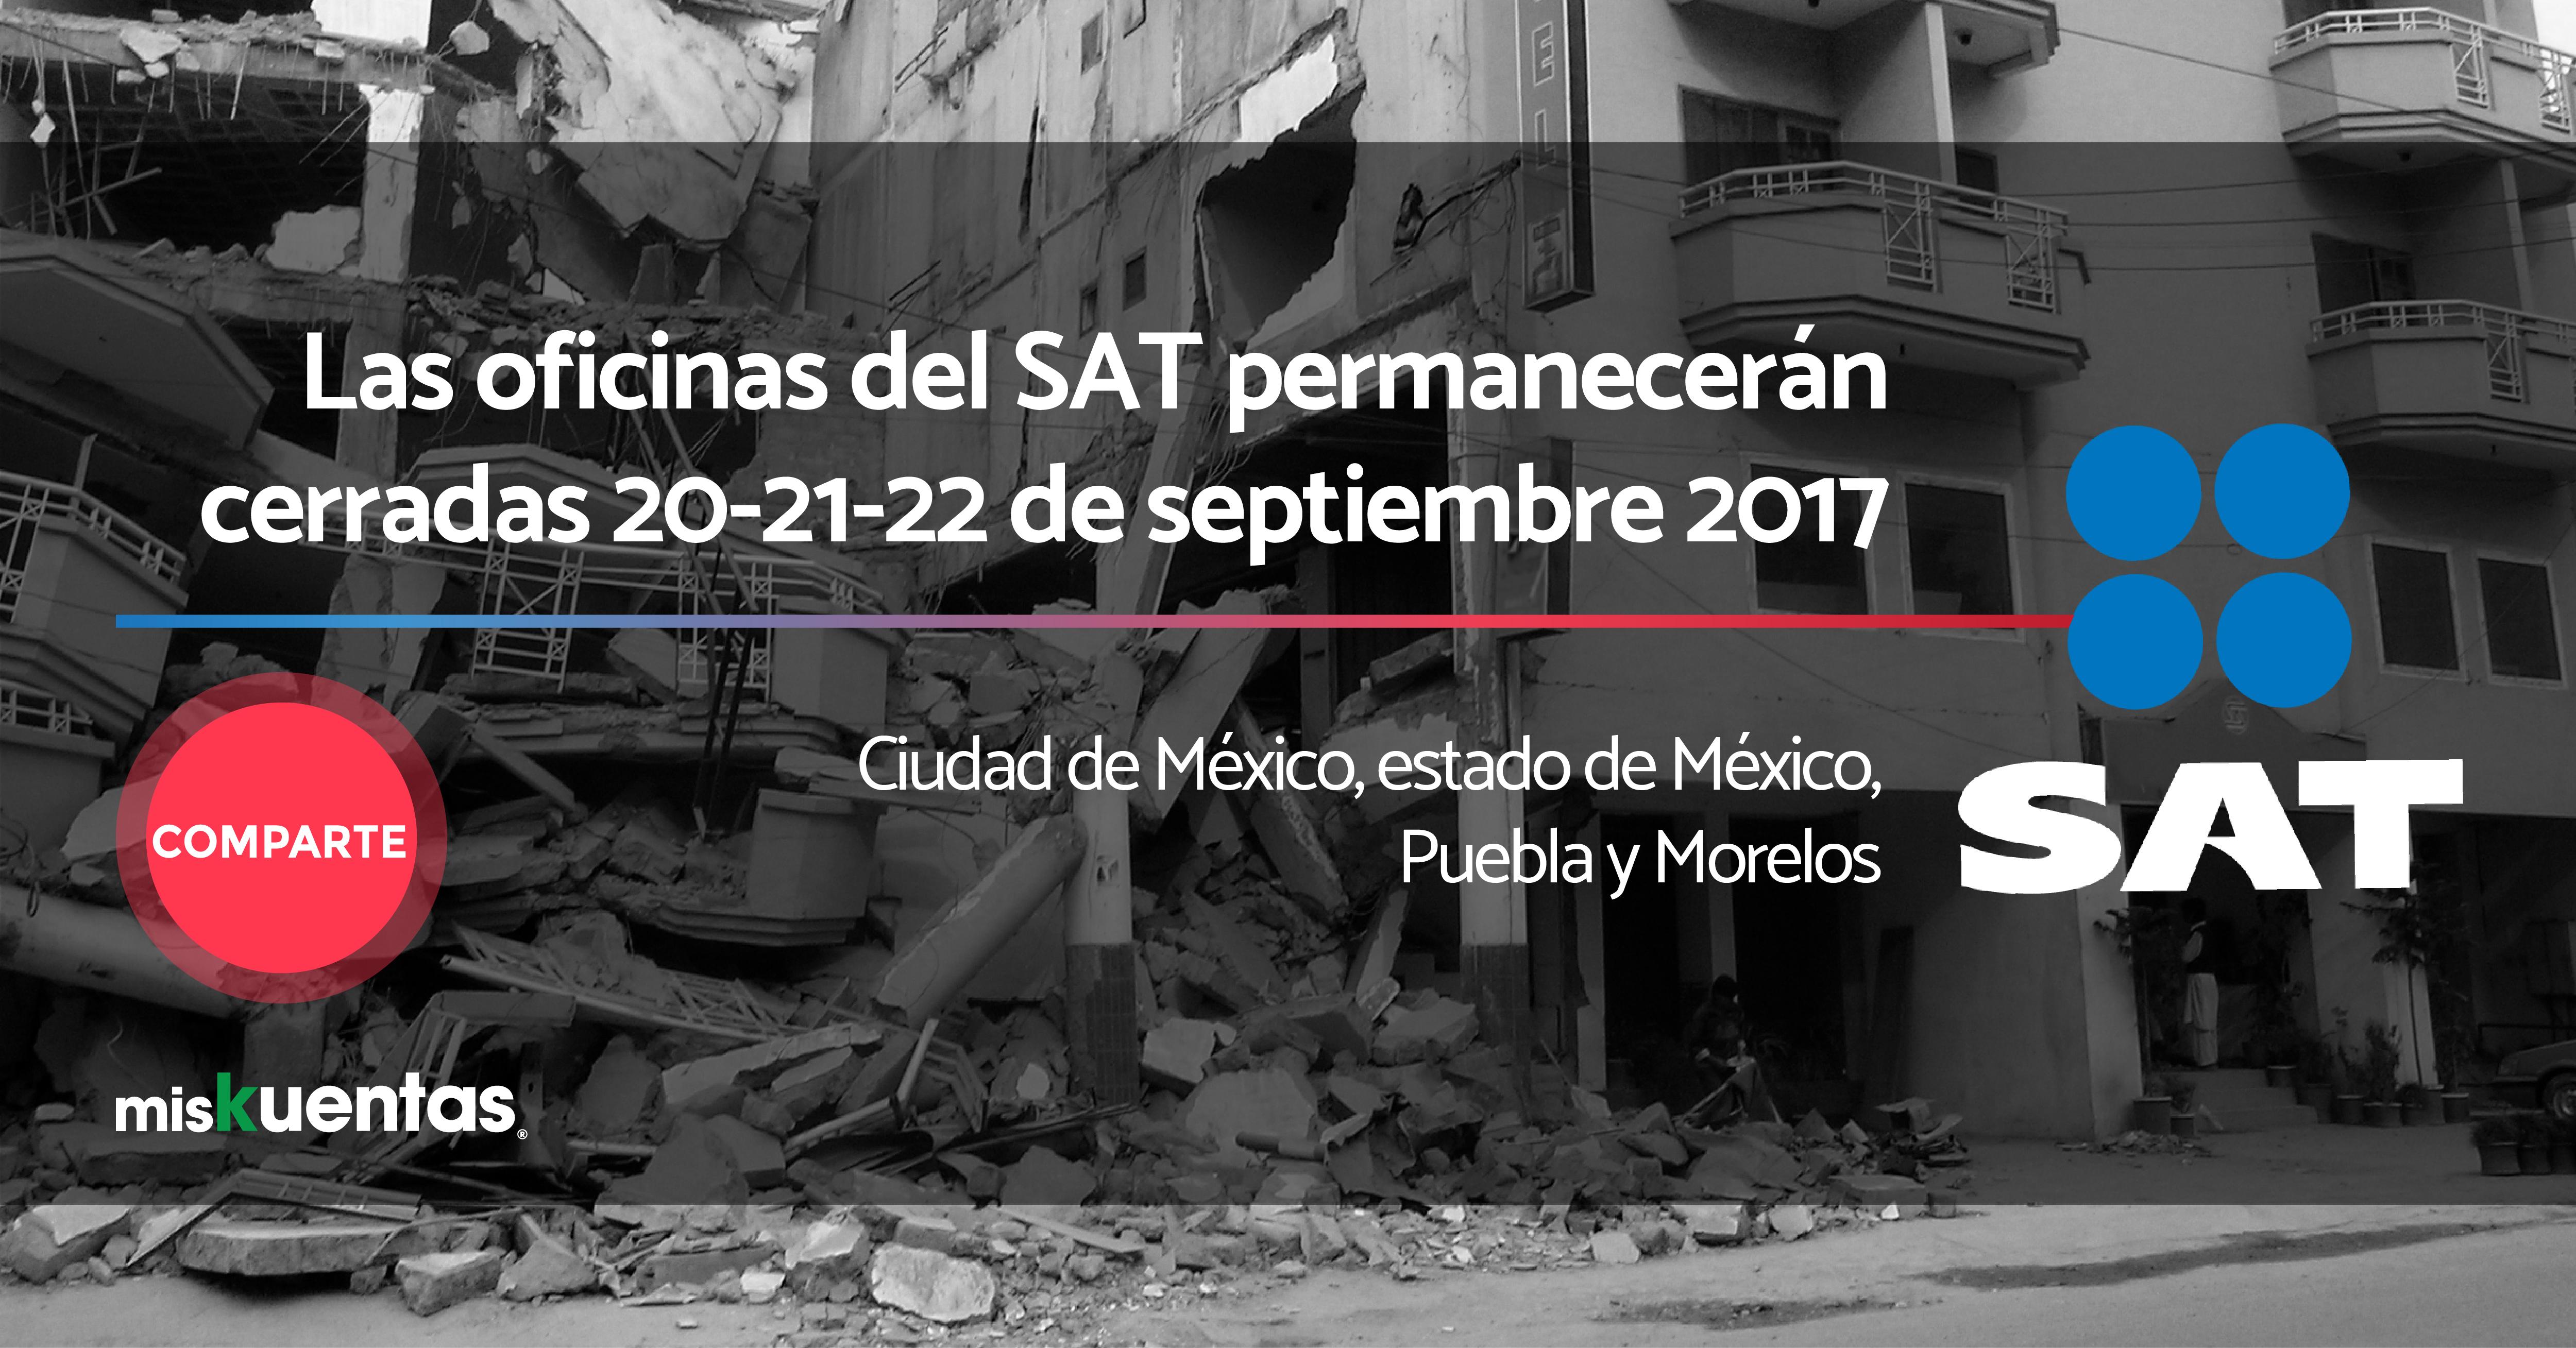 Debido al terremoto ocurrido el 19 de septiembre habrá inactividad en oficinas SAT ubicadas en el centro del país